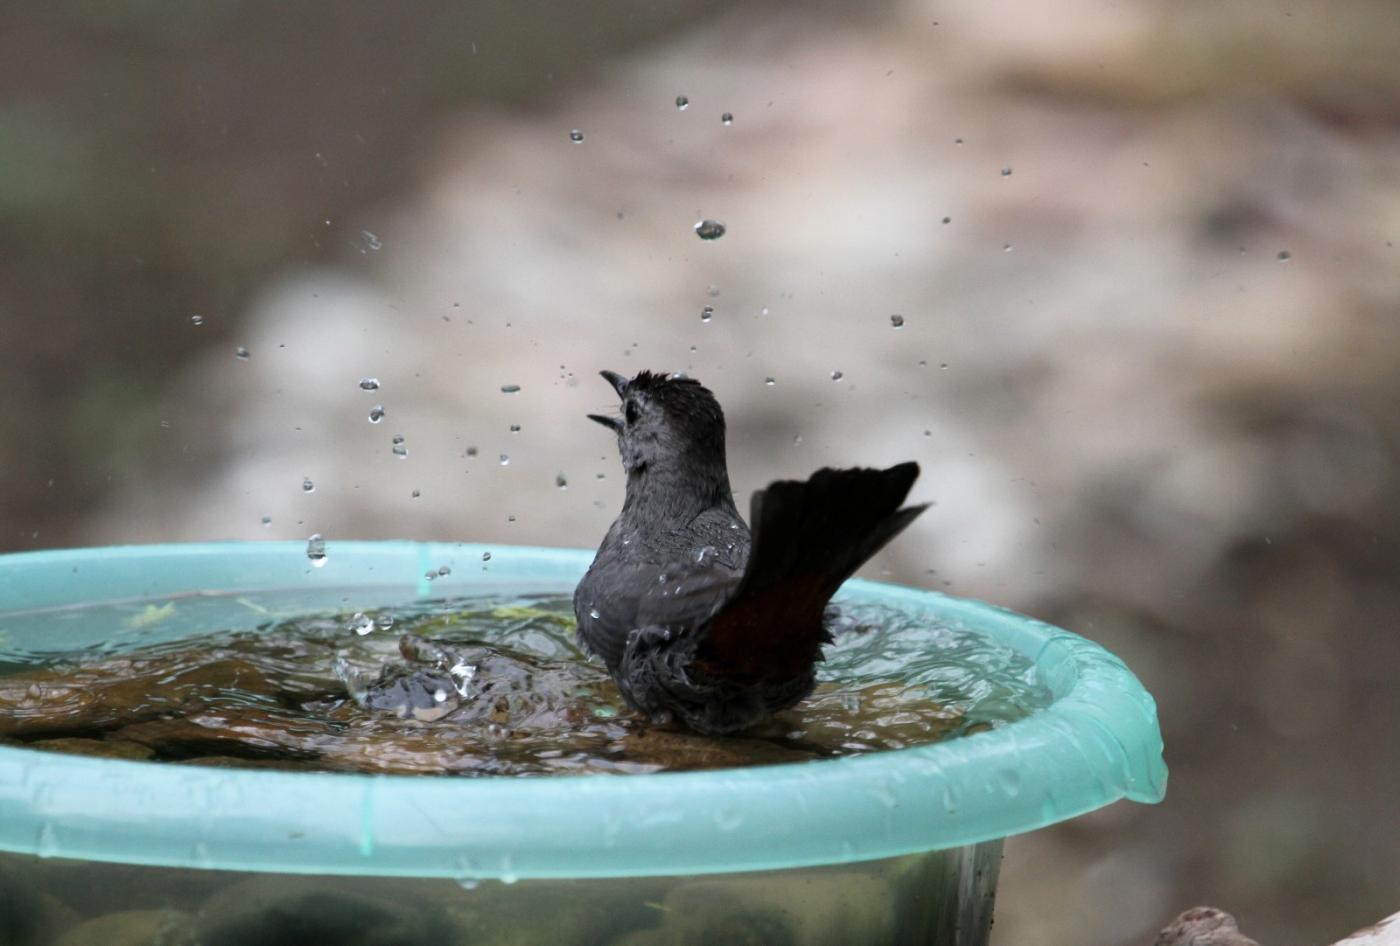 【田螺摄影】摆盆水在后院猫鸟就来淋浴了_图1-8